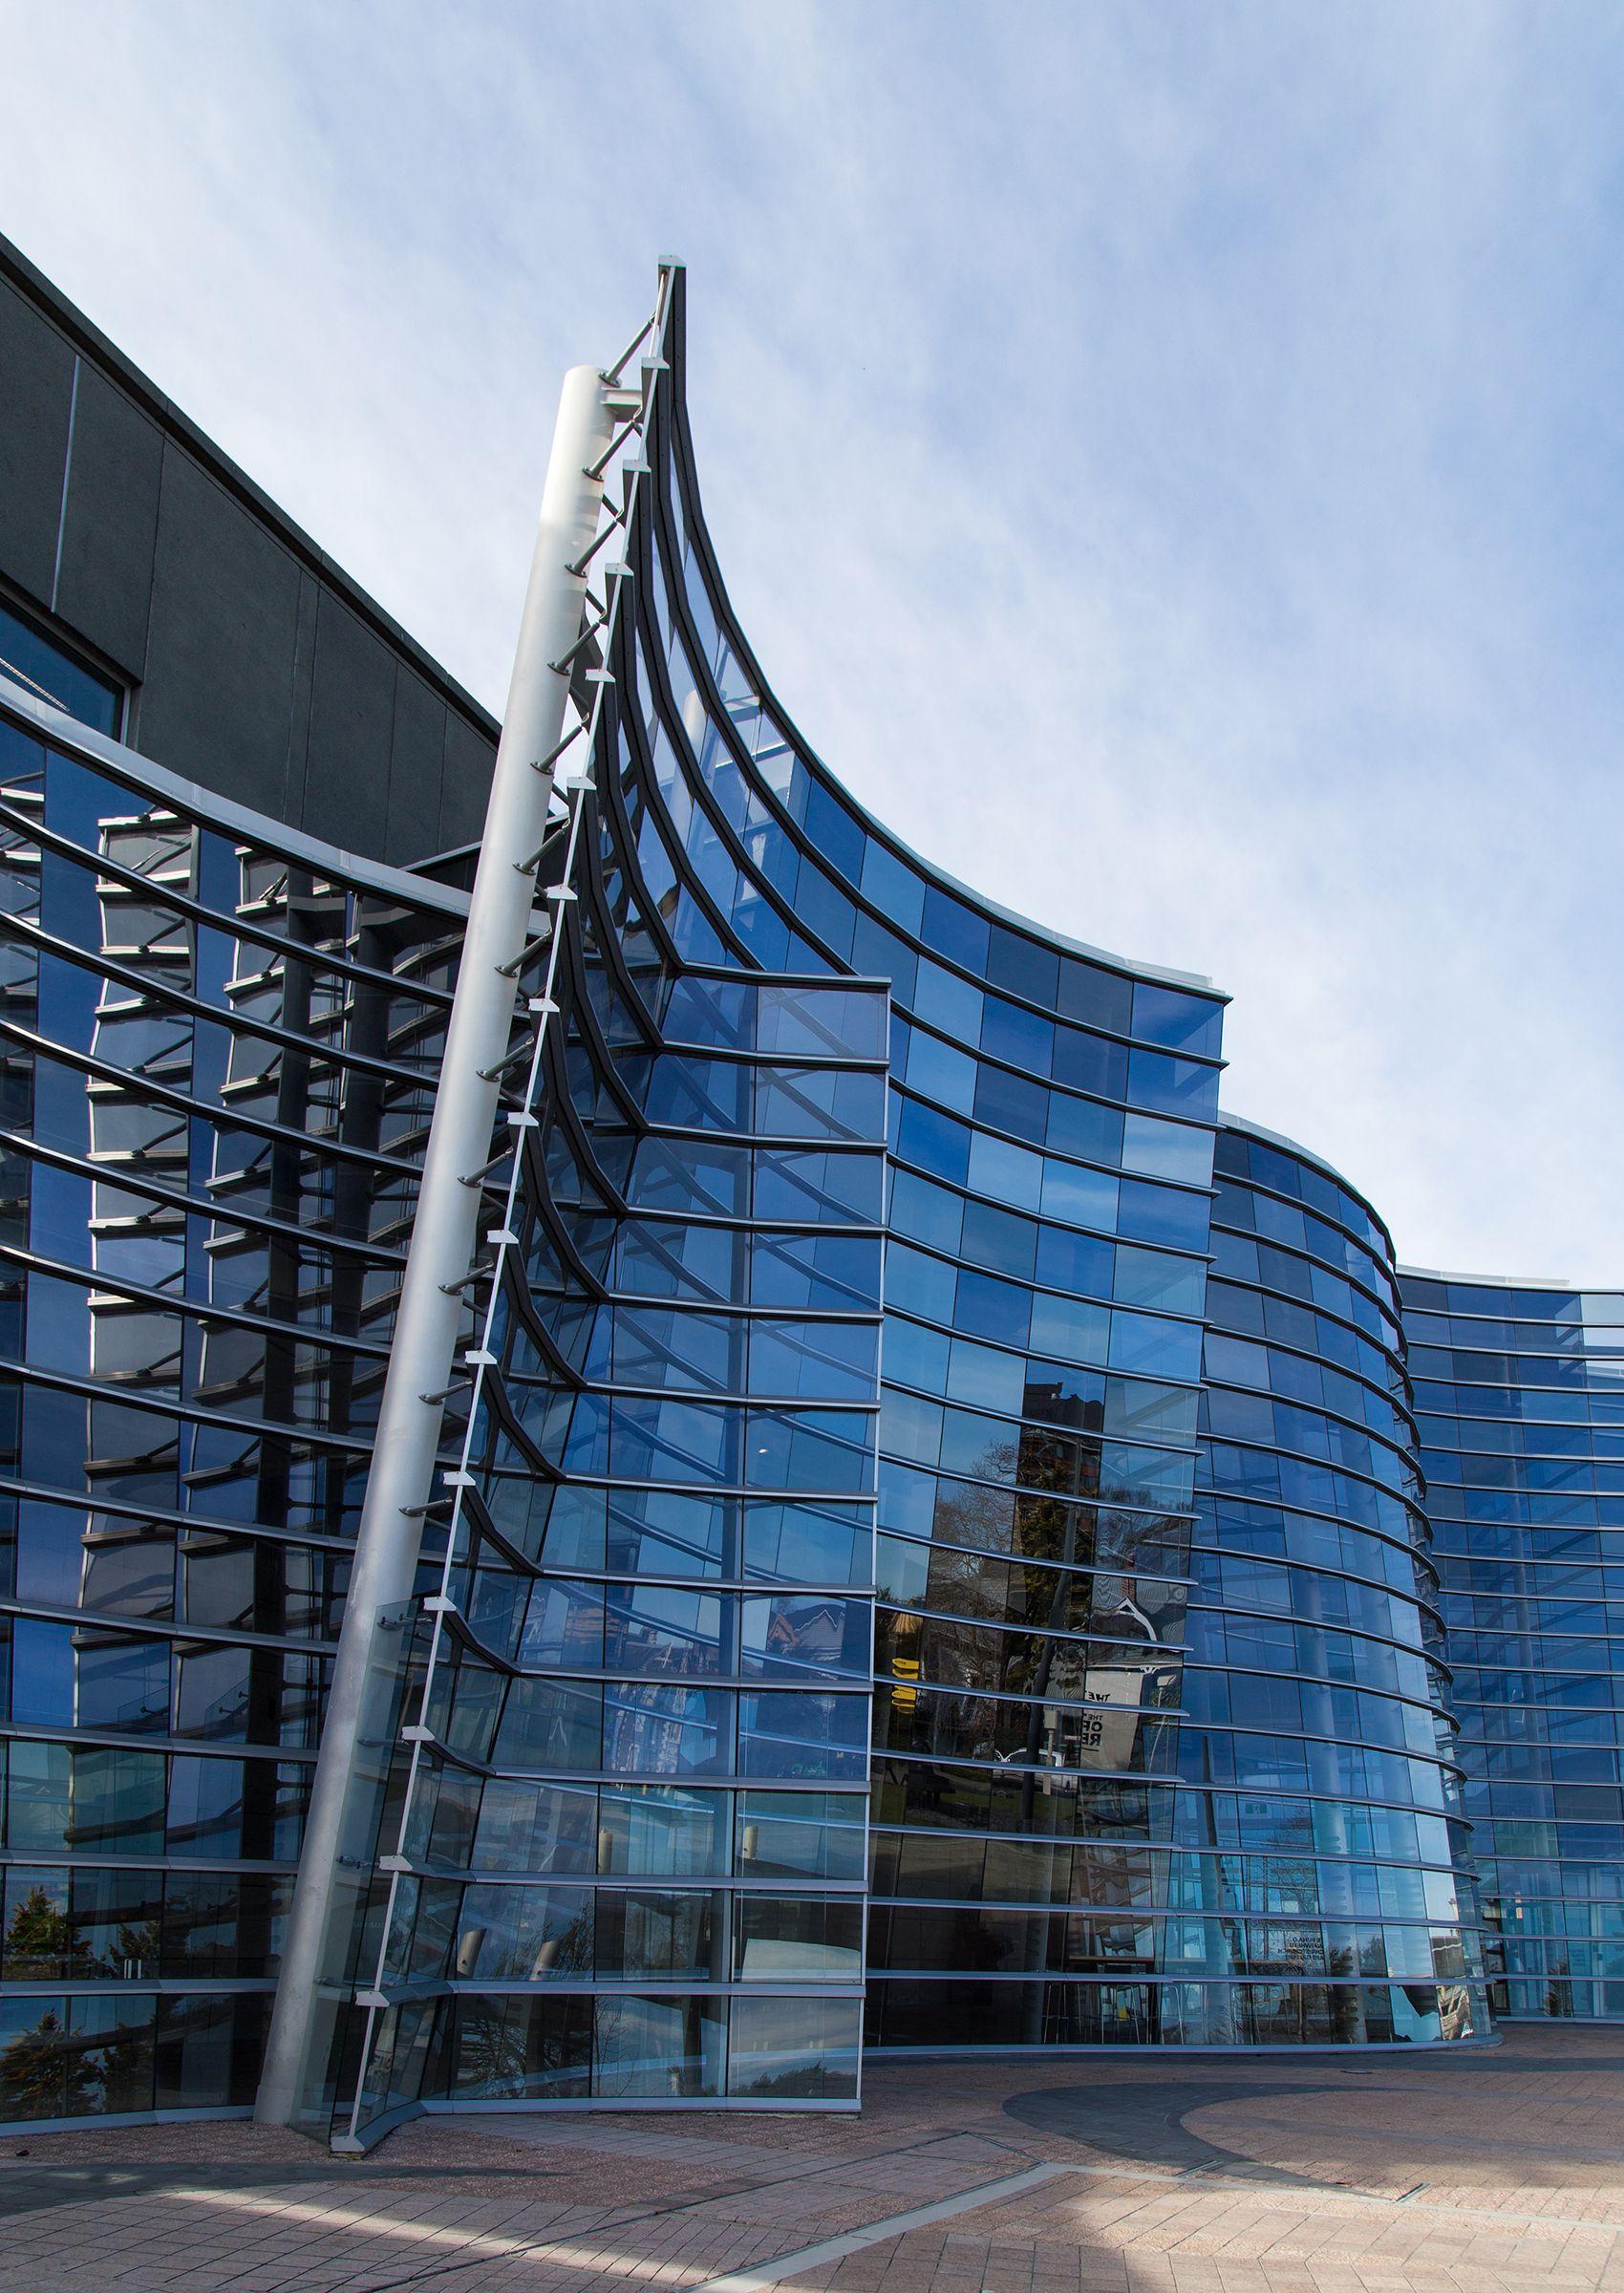 Christchurch Art Gallery - Exterior - modlar com